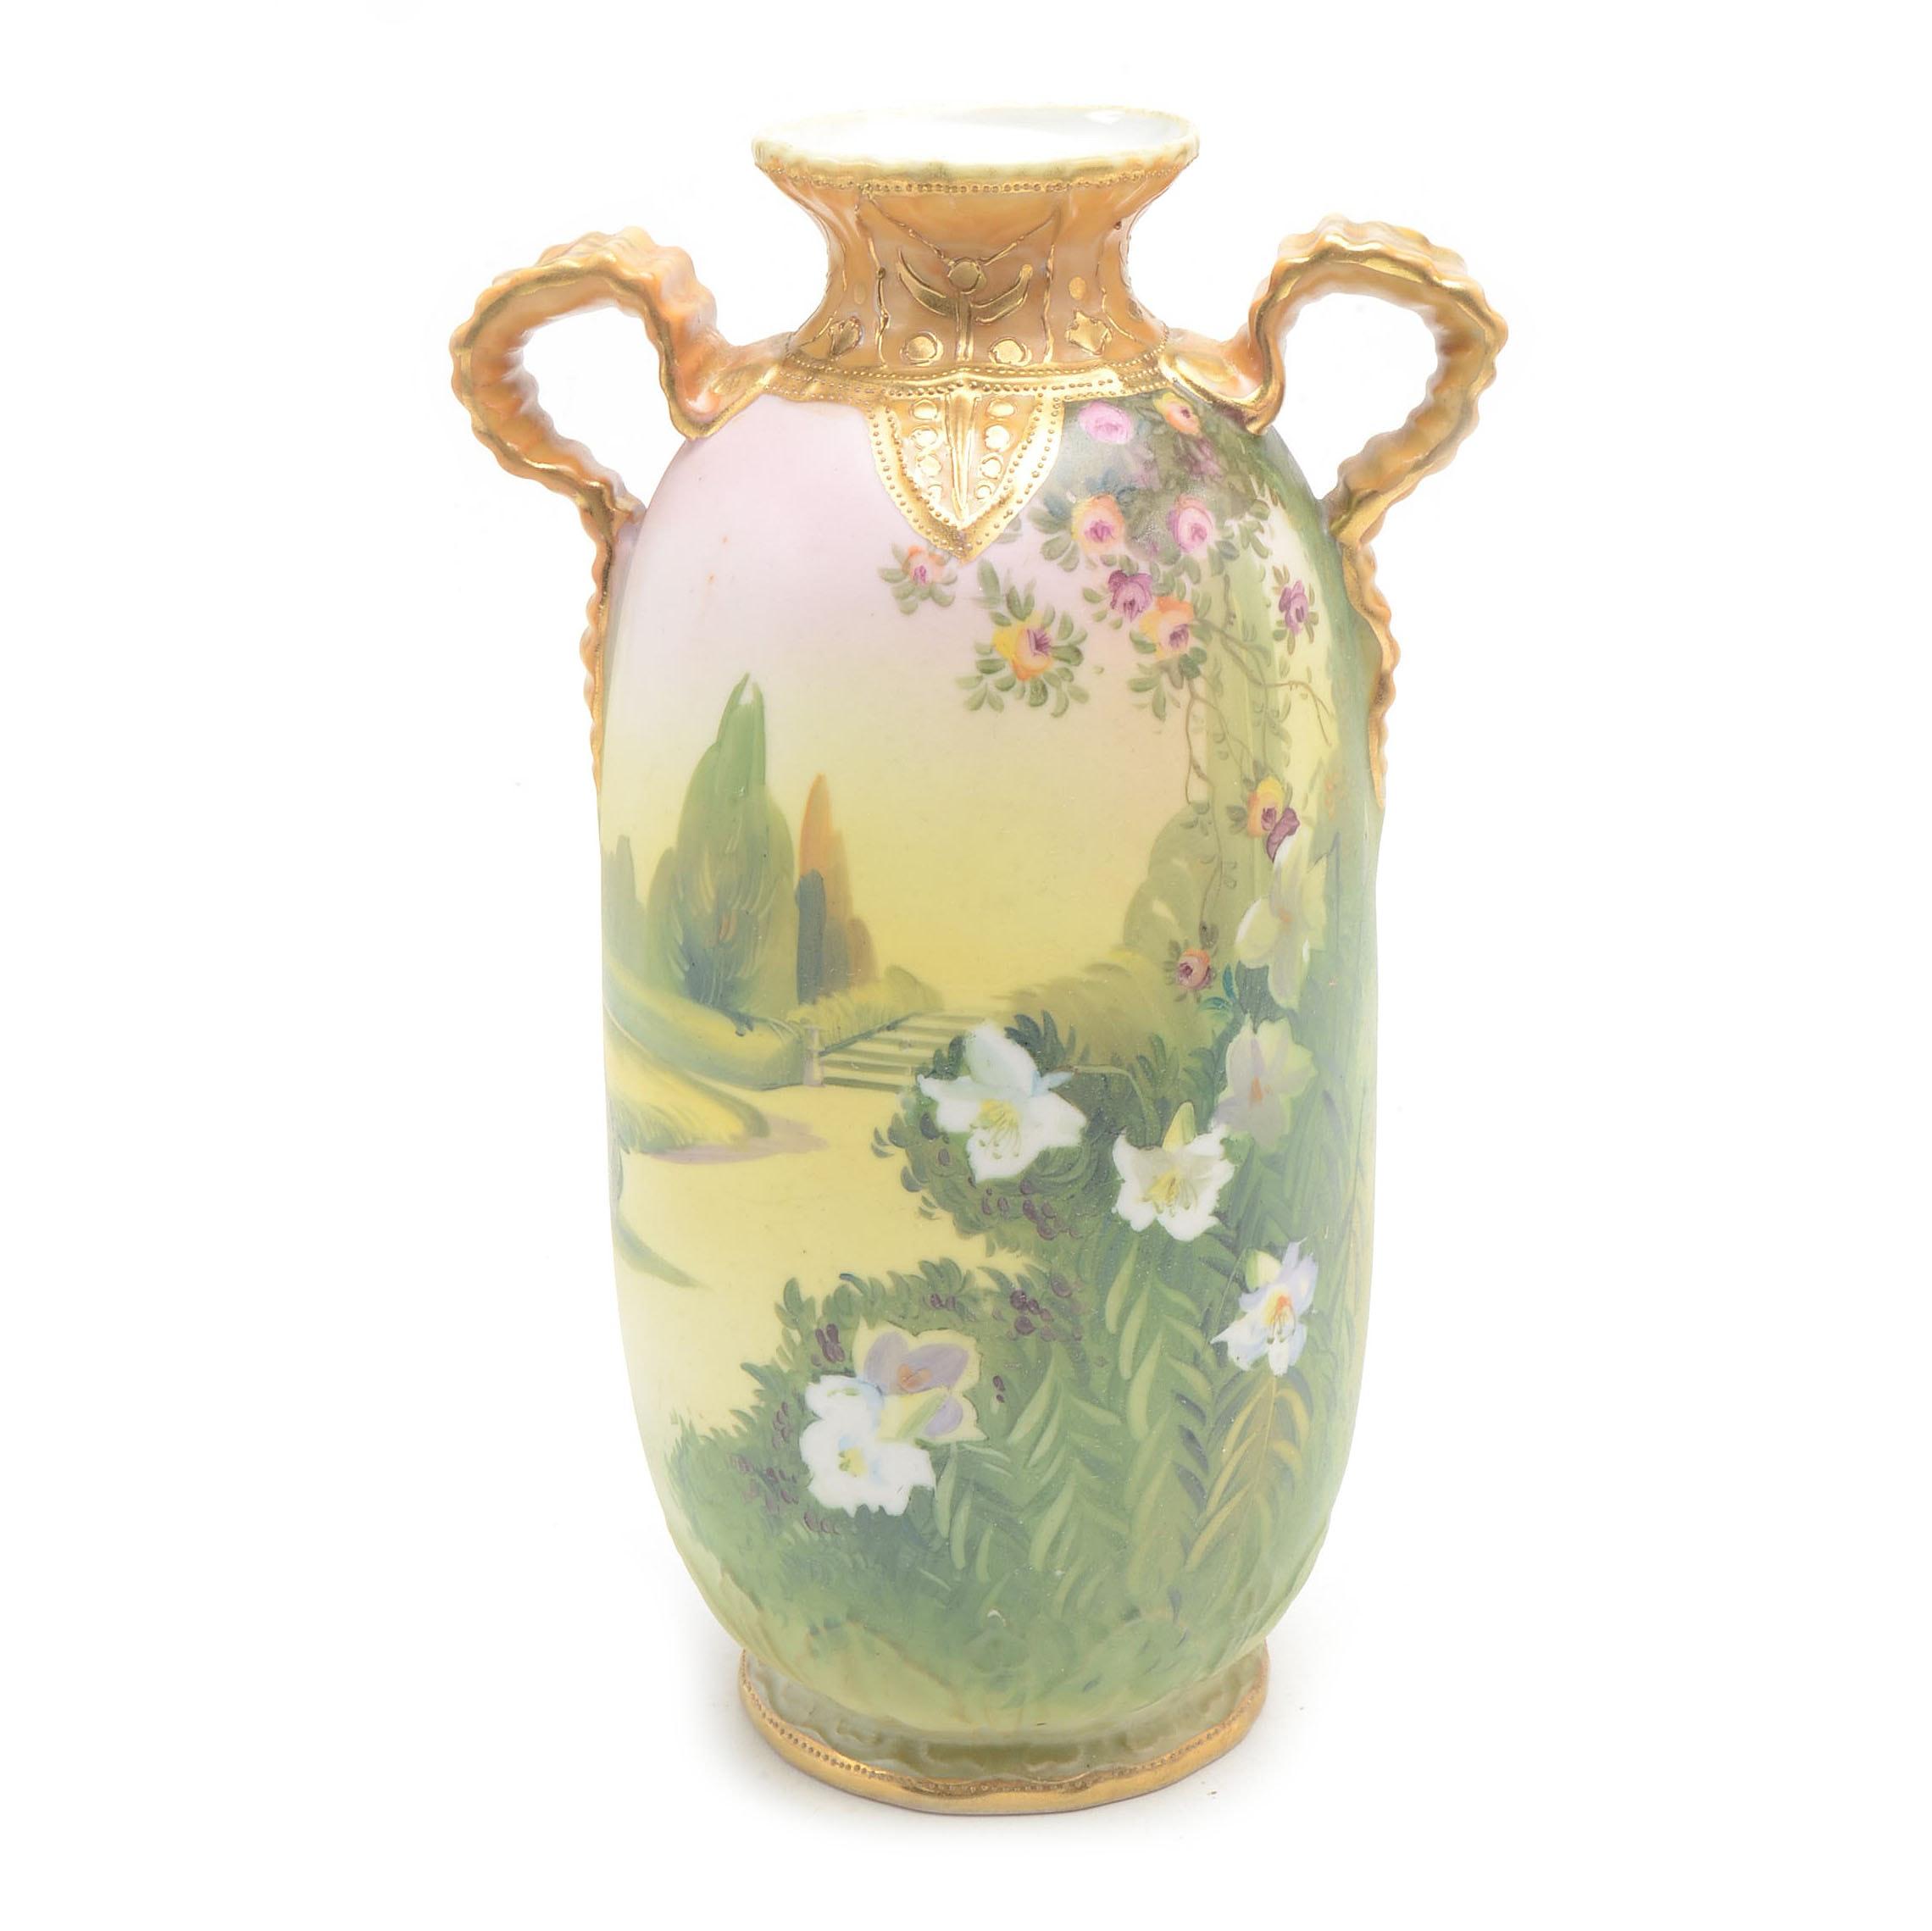 Vintage Hand-Painted Nippon Noritake Vase